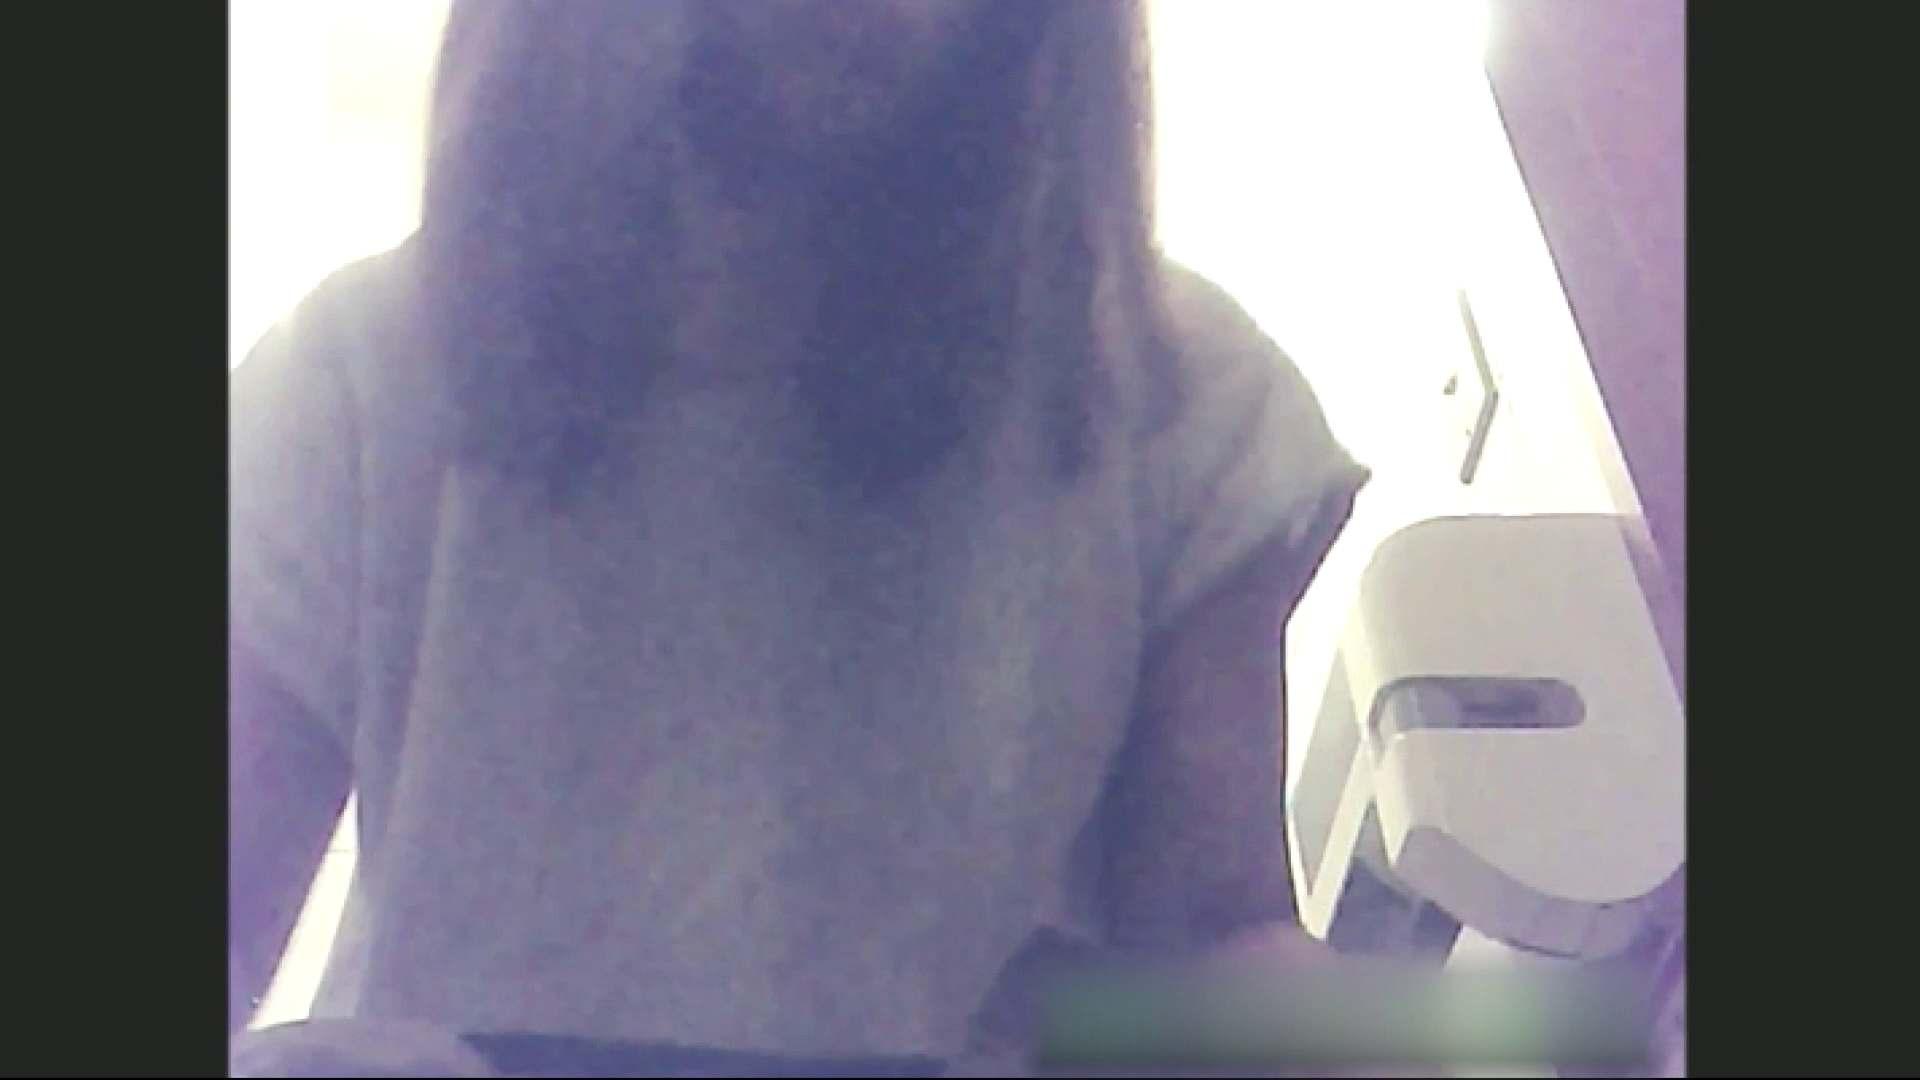 ティーンガールのトイレ覗き‼vol.01 女子大生のエロ動画 エロ画像 105PIX 58